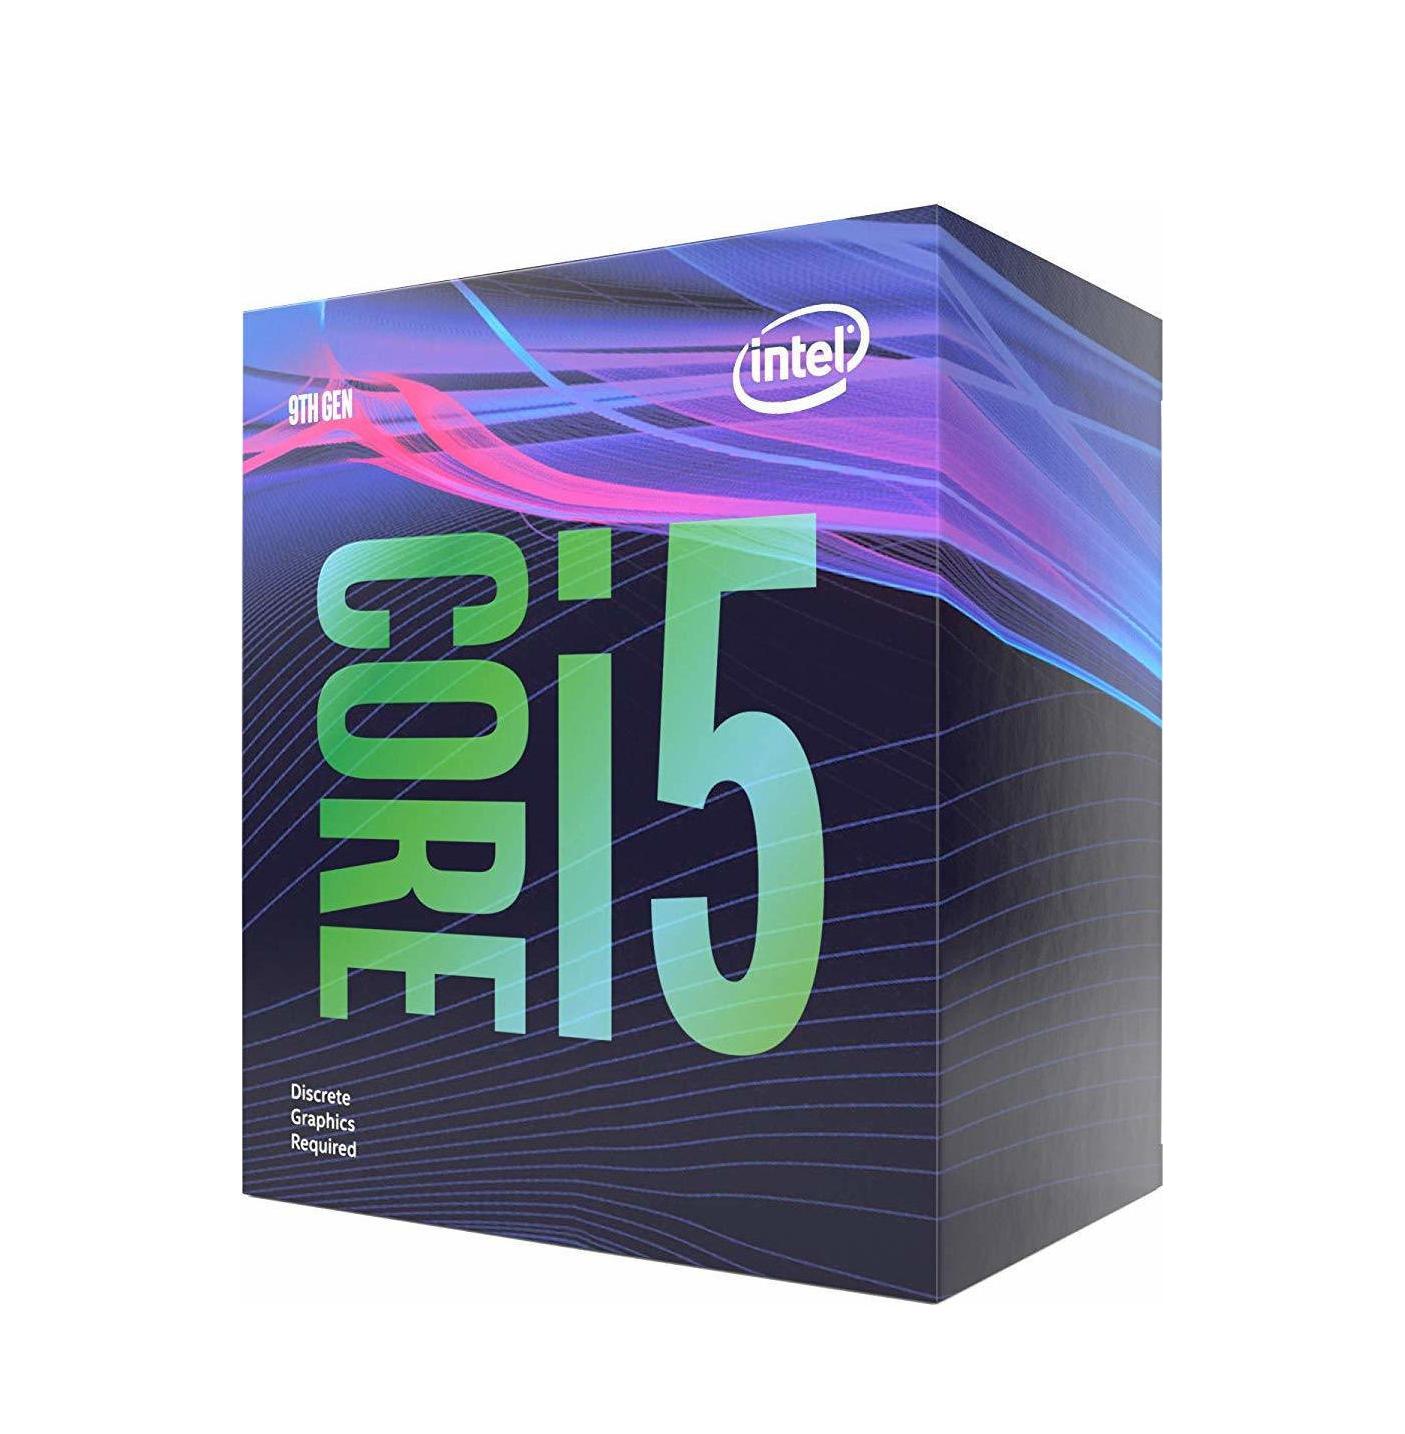 Intel Core i5-9500 Box Επεξεργαστής (BX80684i59500) Πληρωμή έως 24 δόσεις*